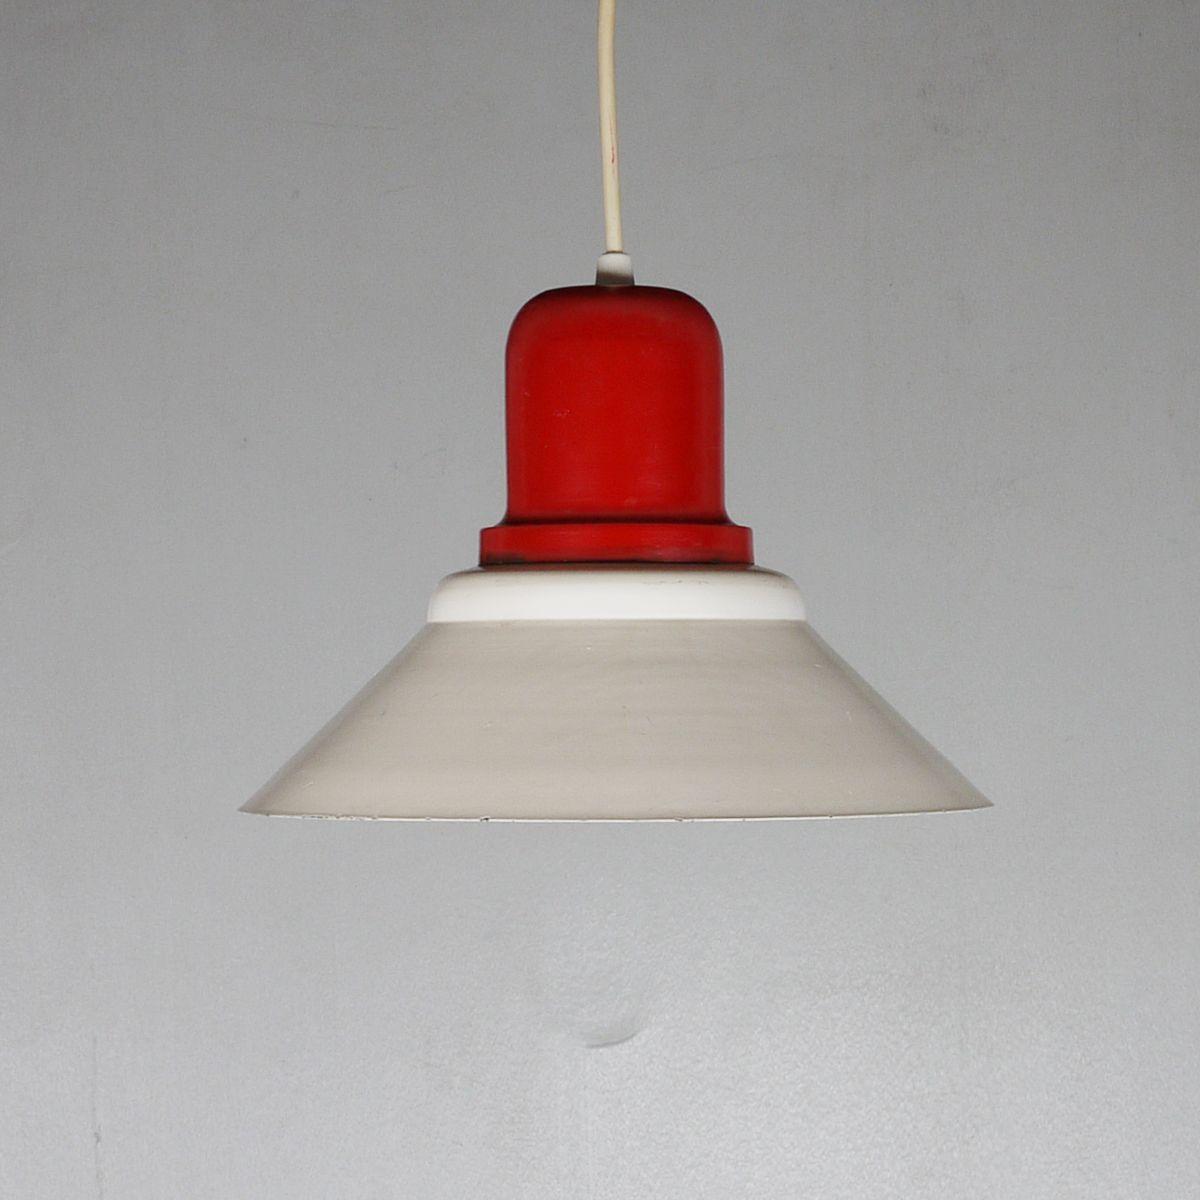 Hängelampe aus Metall in Rot & Creme